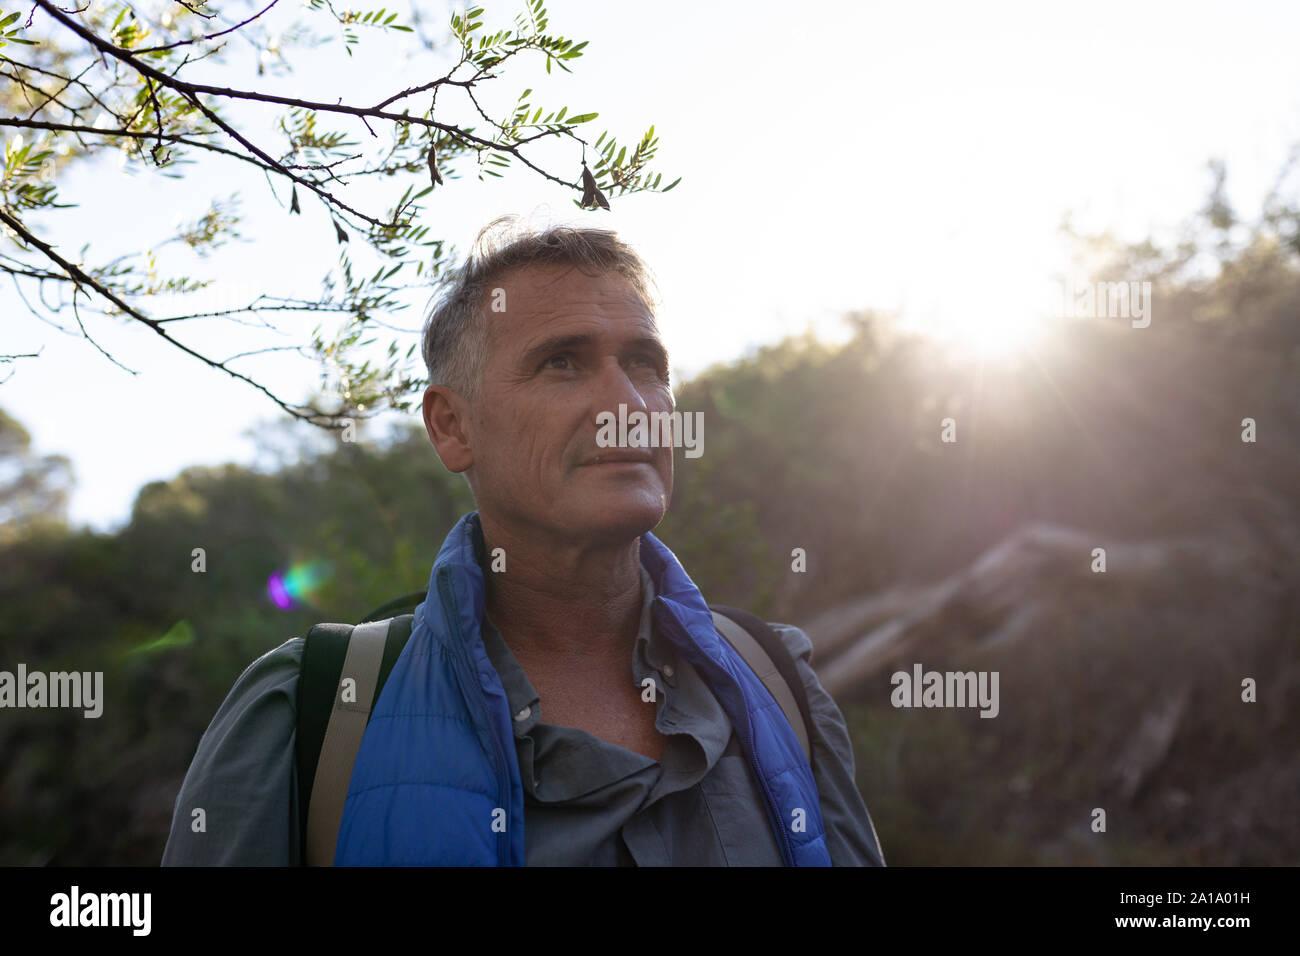 Un varón de mediana edad disfrutando de tiempo fuera en la naturaleza Foto de stock